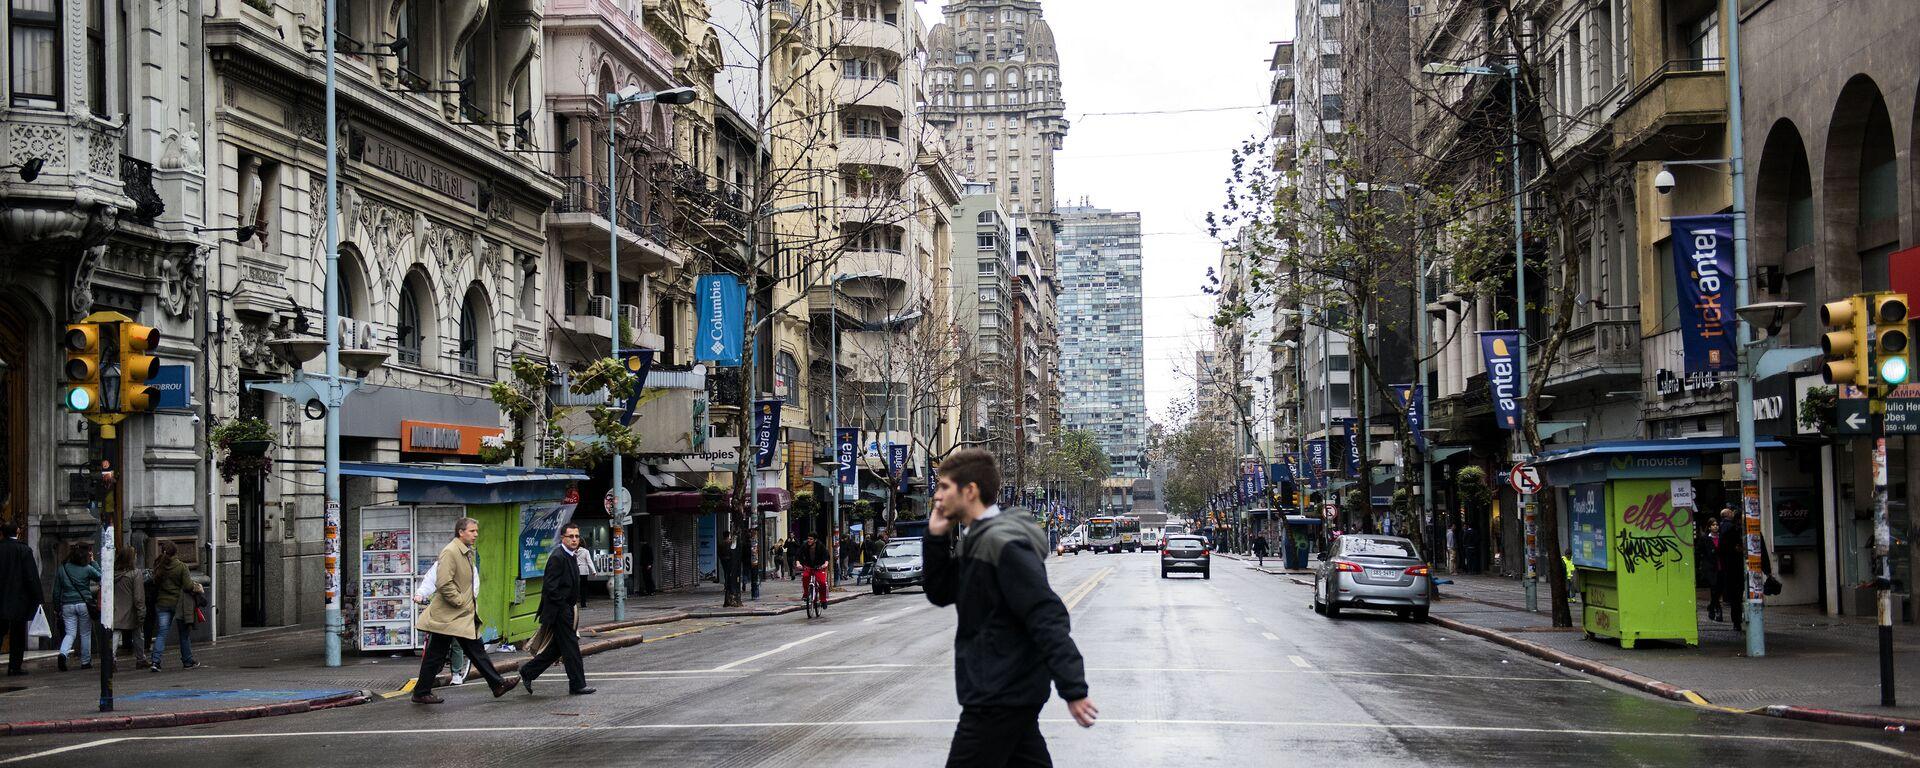 Huelga de 24 horas en reclamo de aumentos salariales y en rechazo a la participación de Uruguay en el TiSA - Sputnik Mundo, 1920, 21.04.2021